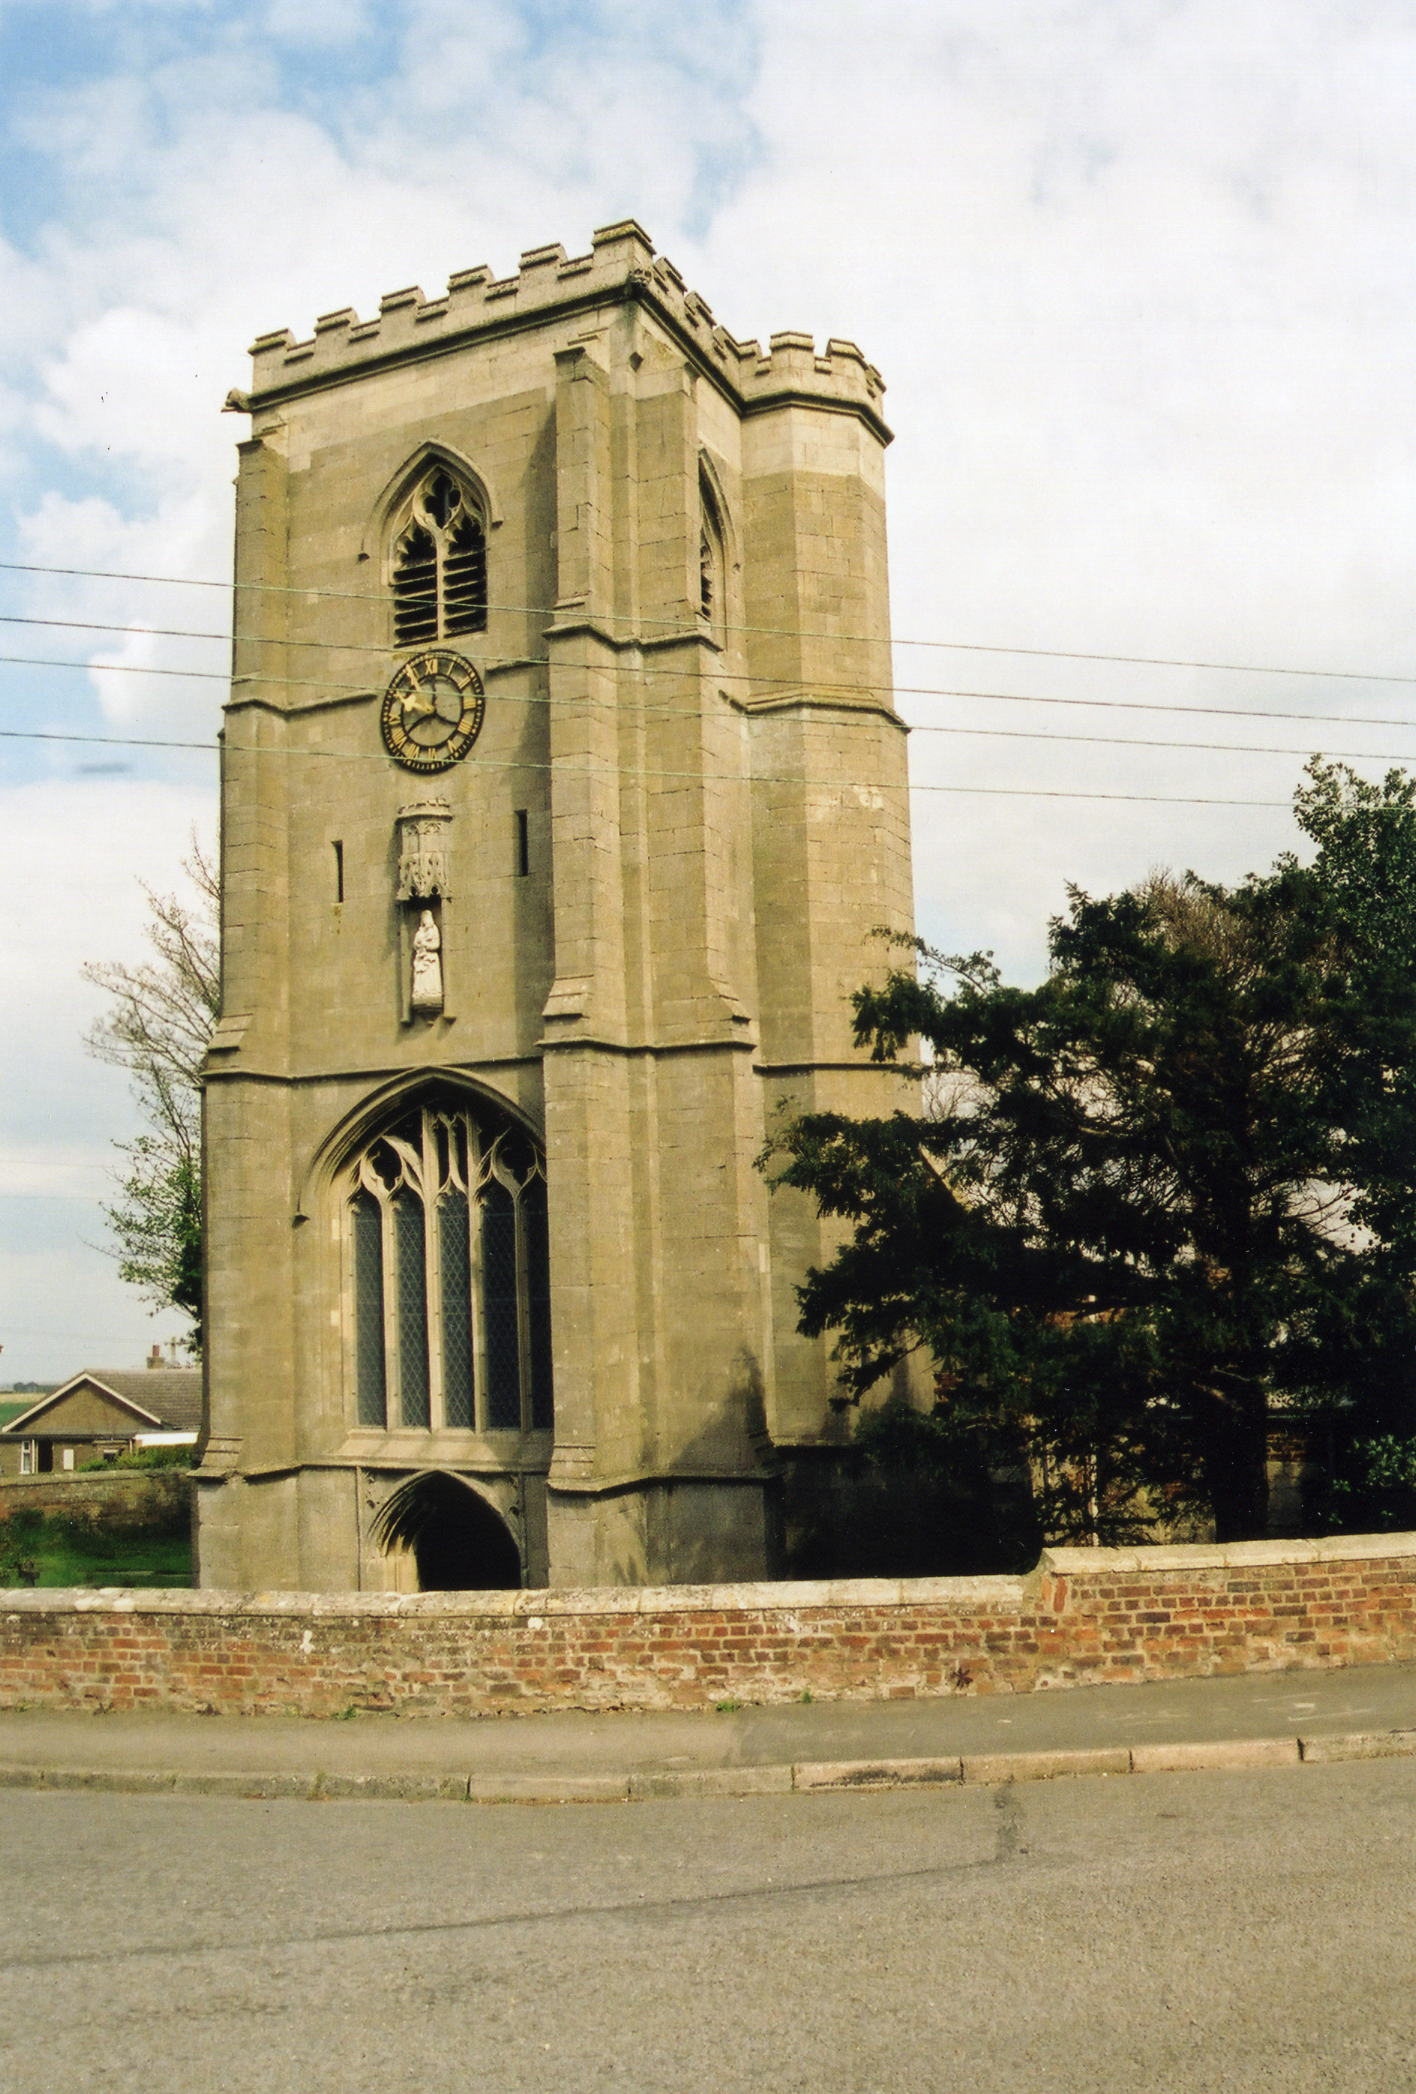 Cowbit St. Mary parish church